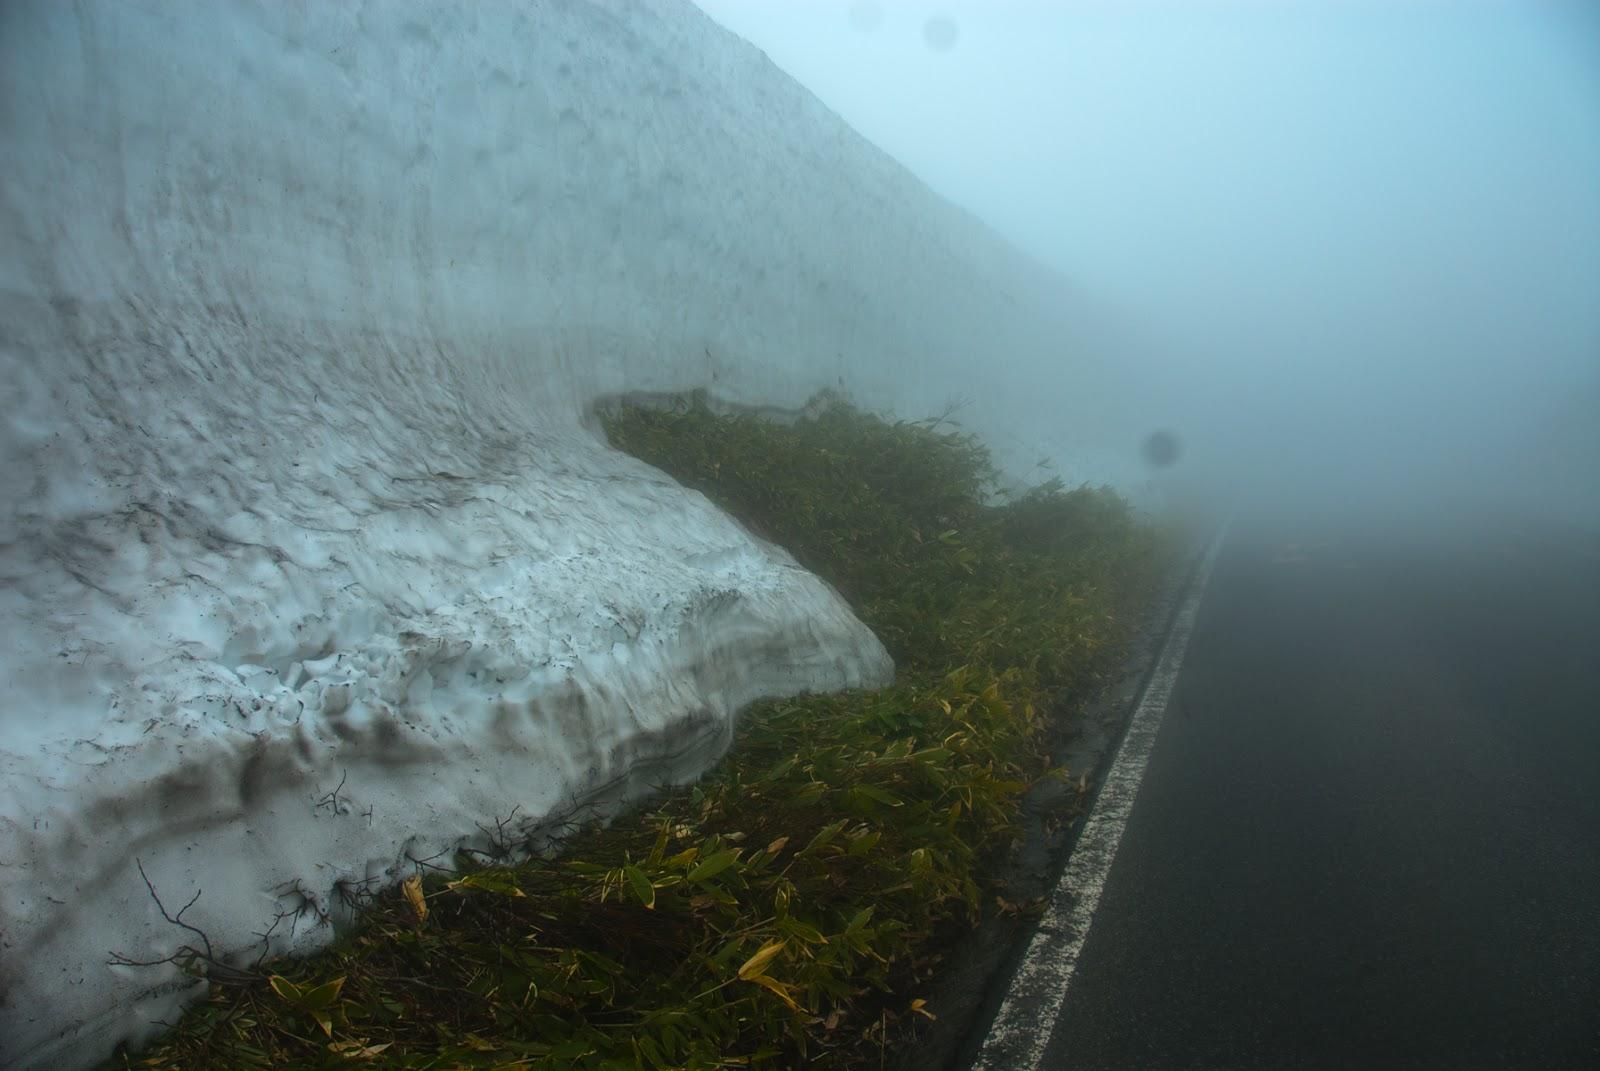 溶けかかった雪の回廊